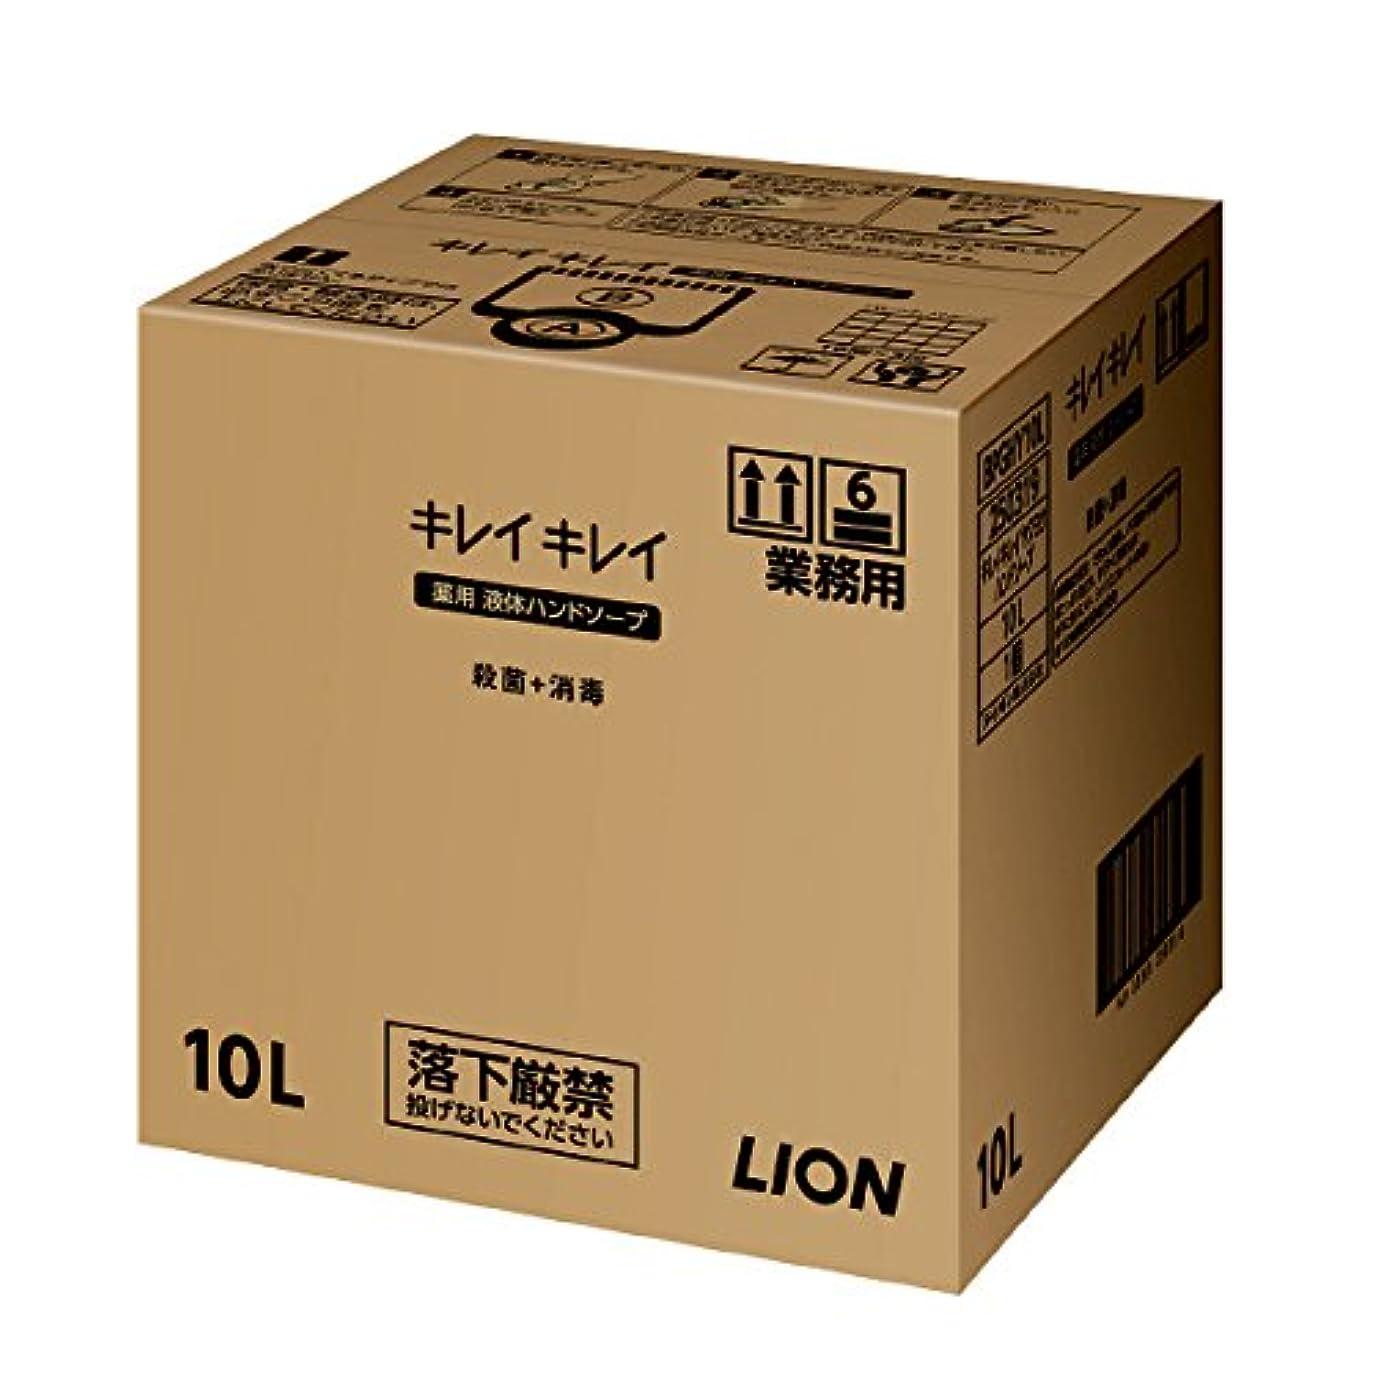 通信網スモッグ吸い込むキレイキレイ薬用液体ハンドソープ10L(専用コック付き)